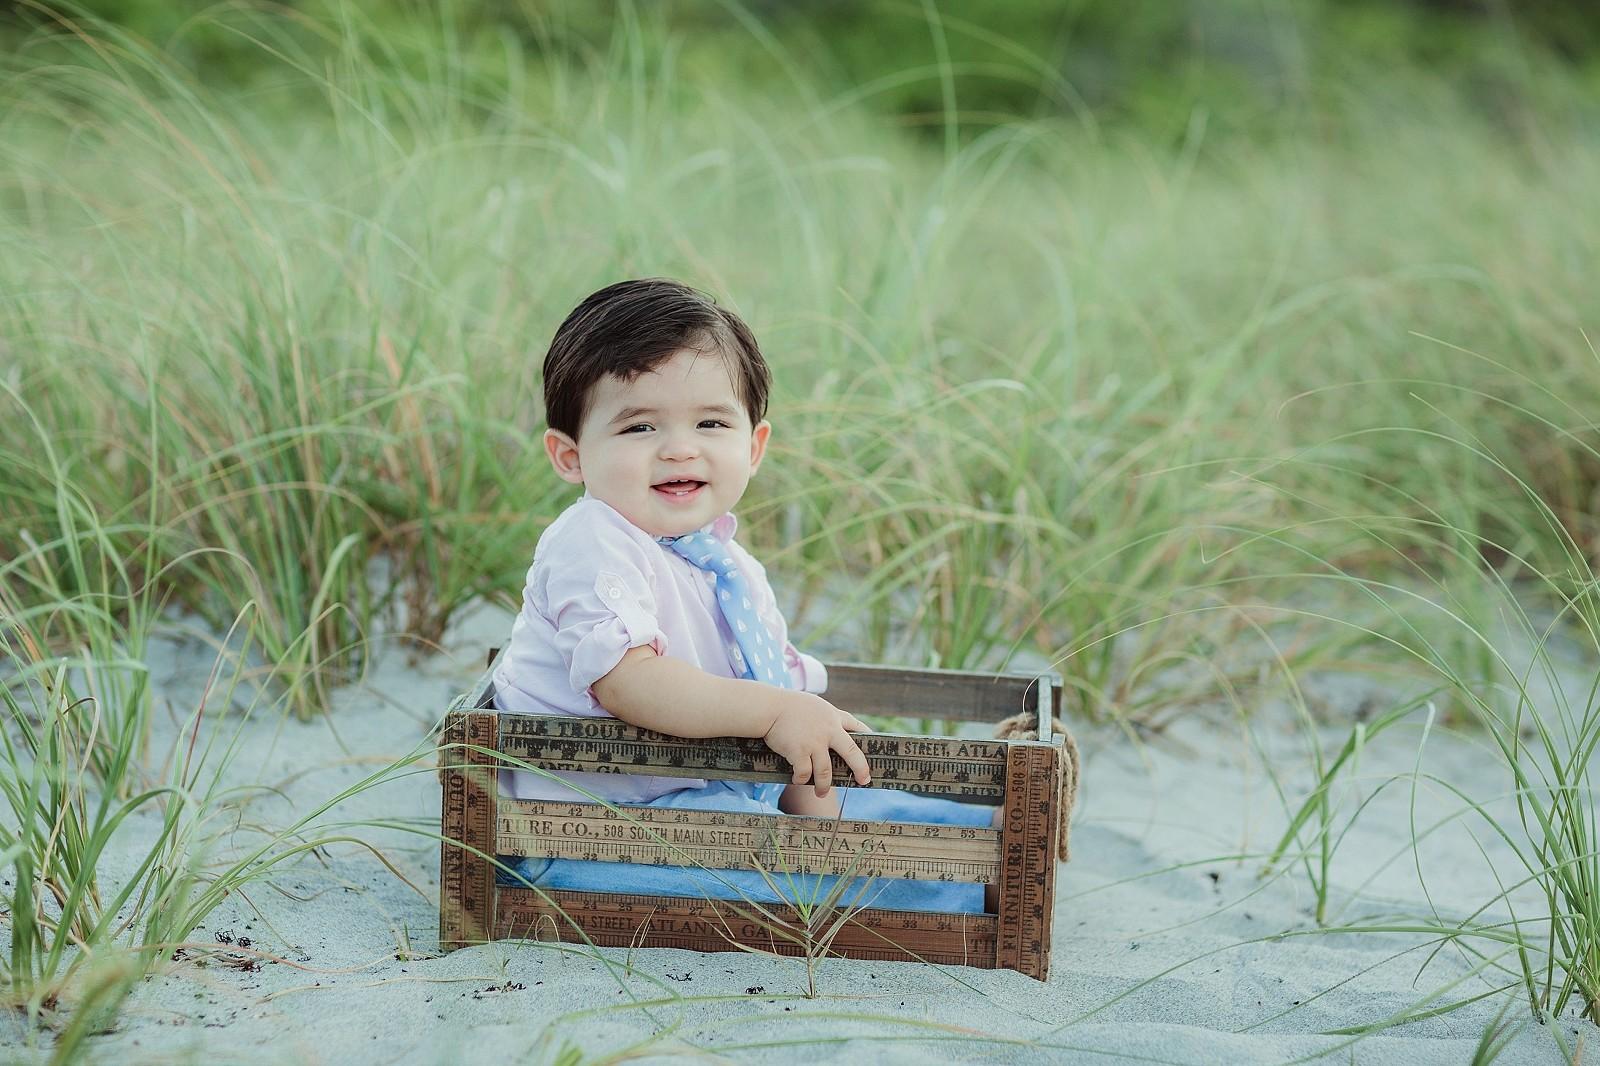 boca raton baby photographer